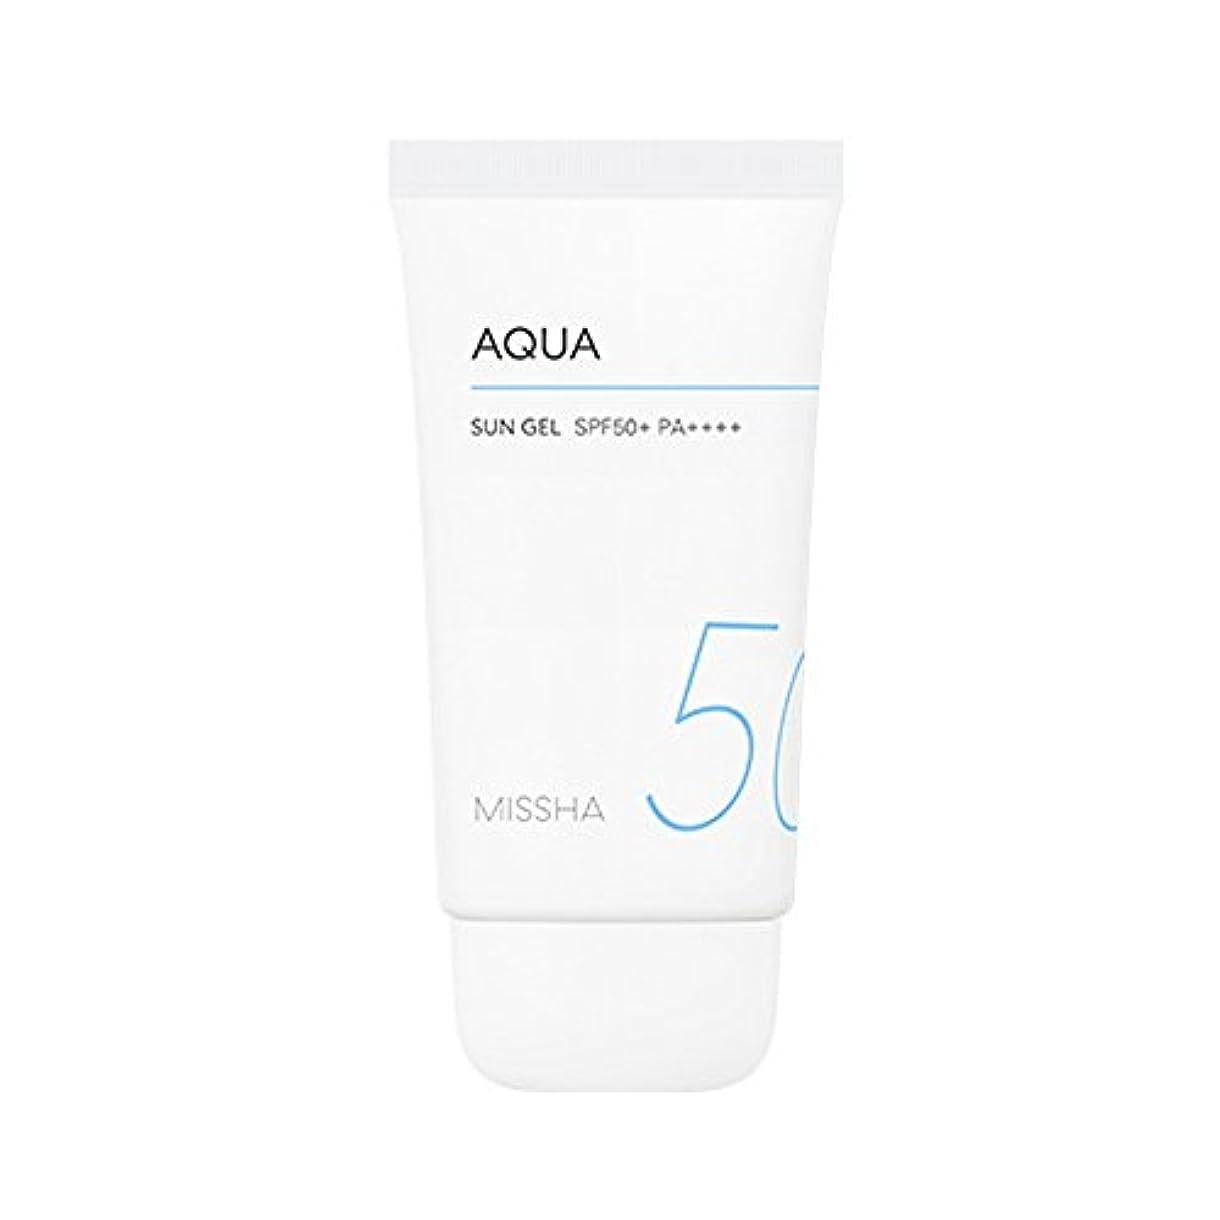 足失敗名門Missha All Around Safe Block Aqua Sun Gel SPF50+ PA++++ 50ml ミシャ オール アラウンド セーフ ブロック アクア サン ジェル 50ml [並行輸入品]